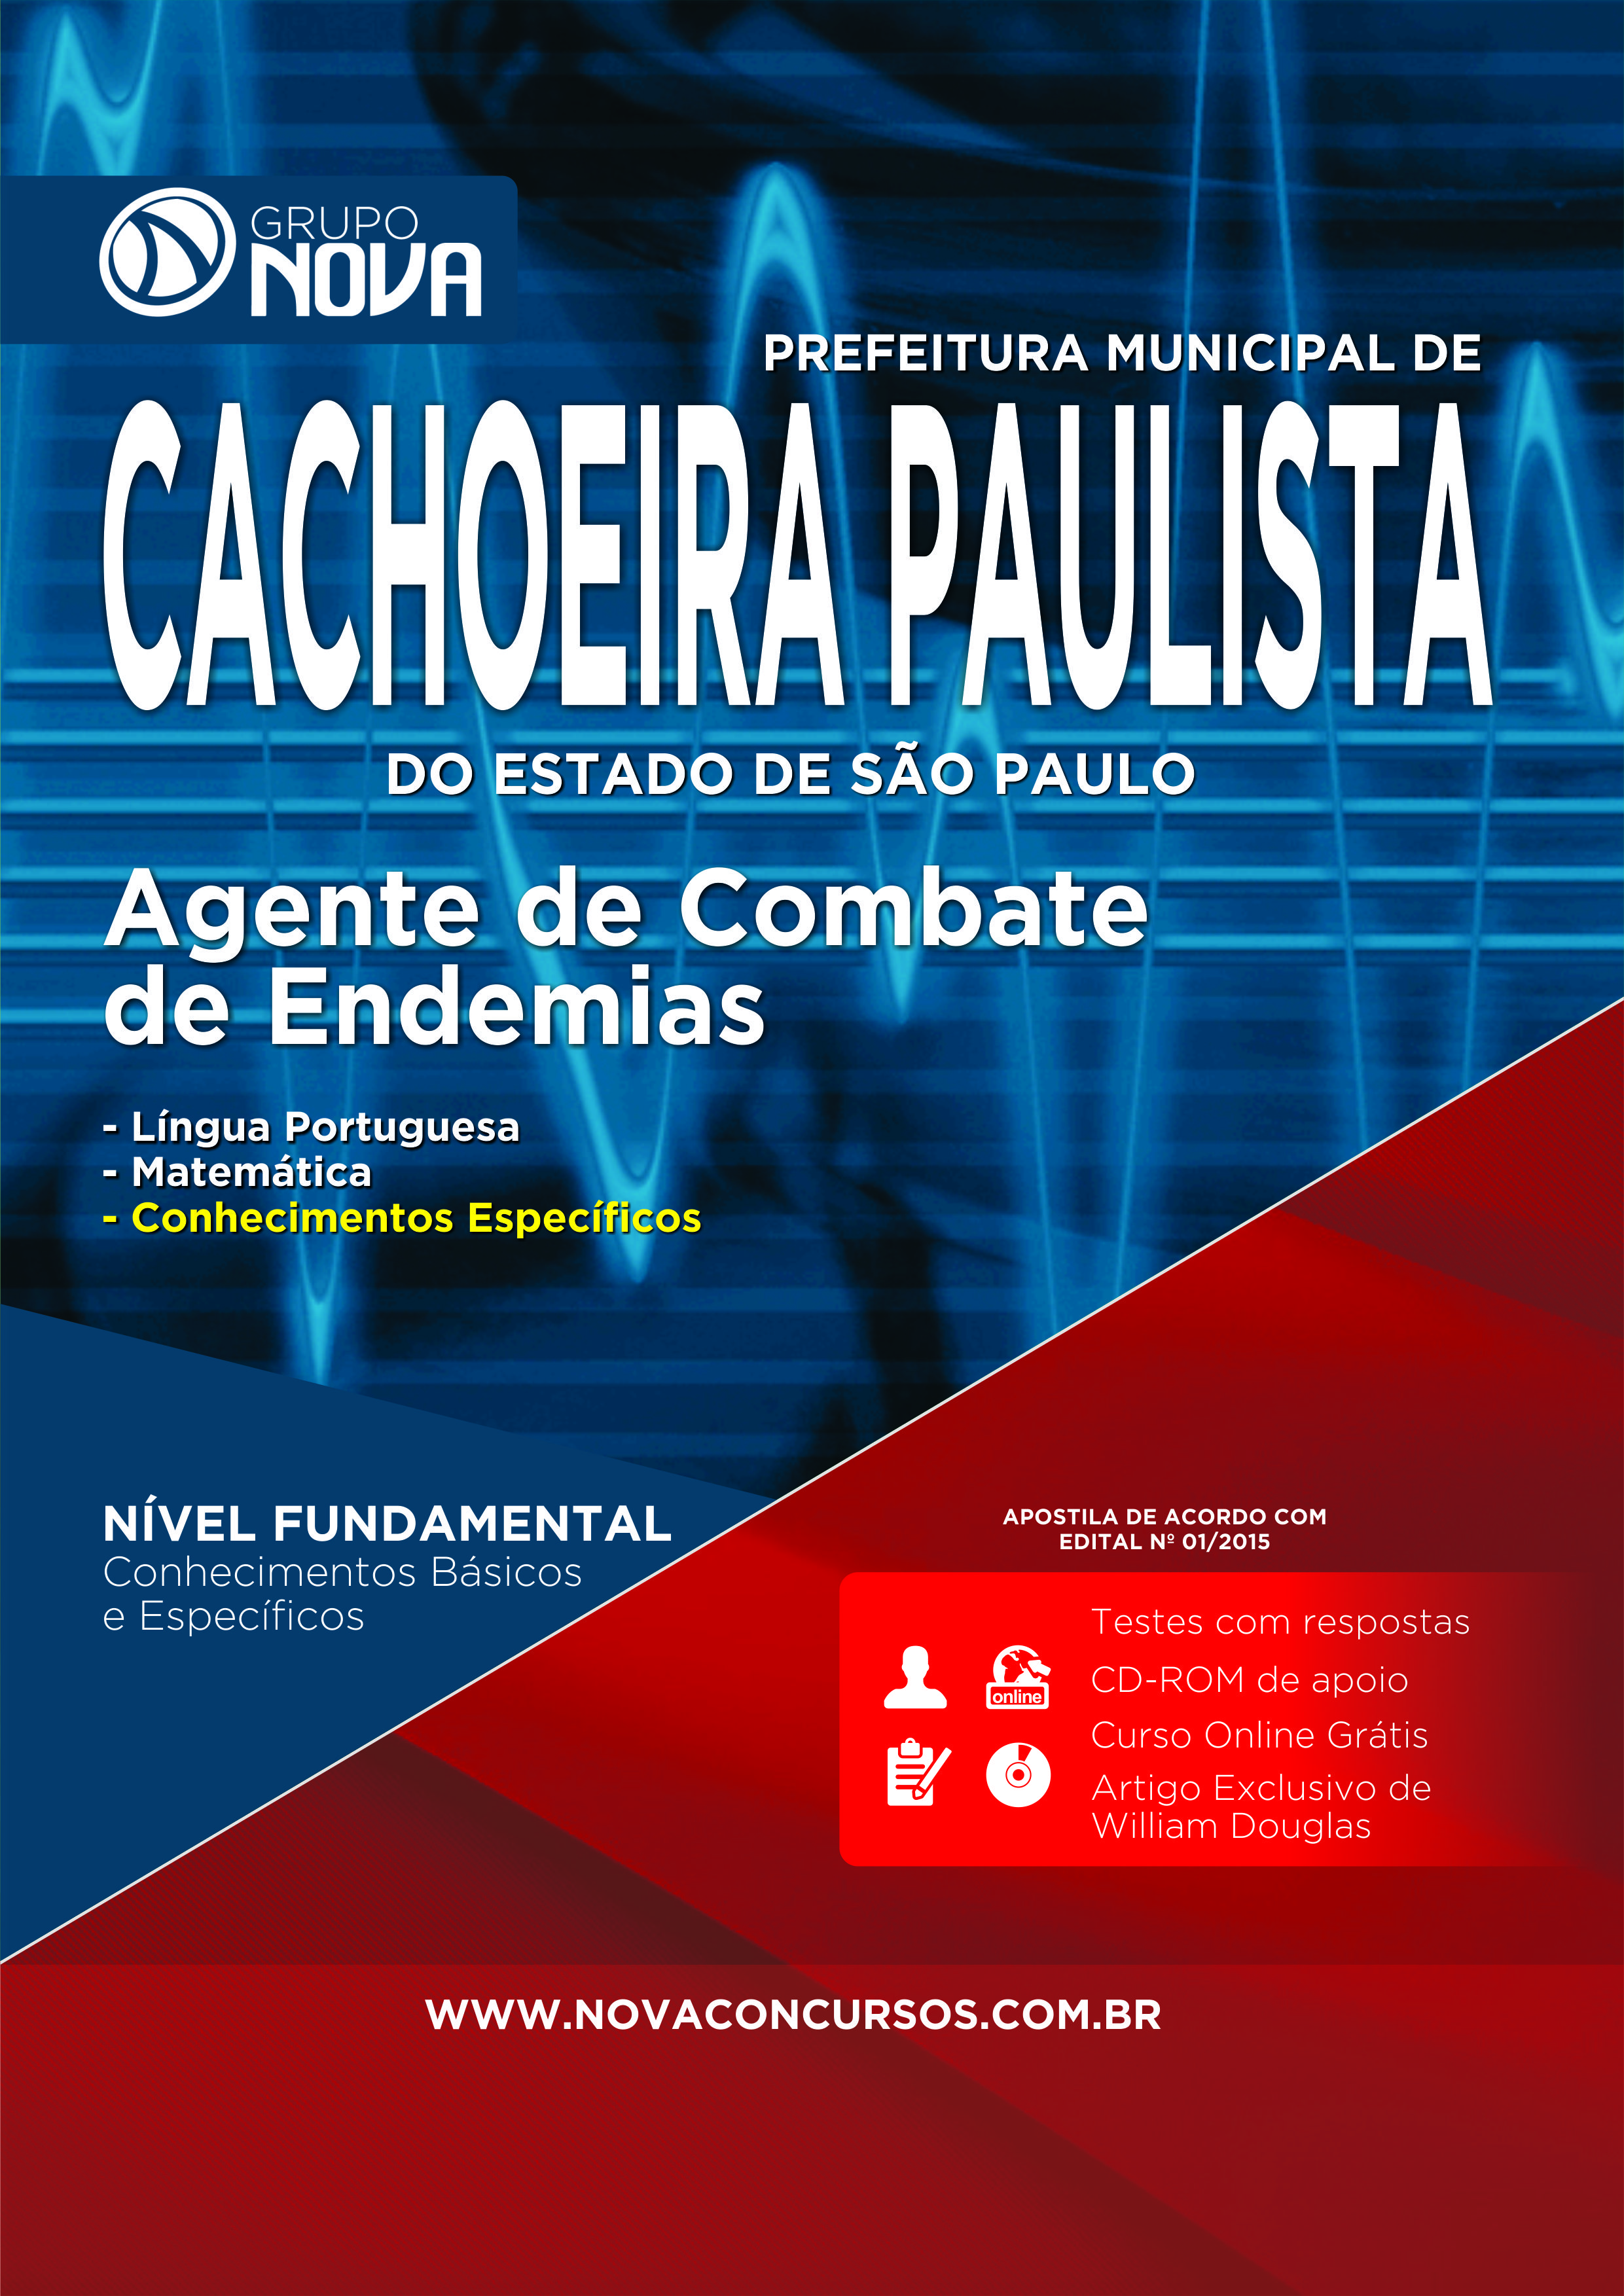 Apostila Cachoeira Paulista 2015 - Agente de combate de Endemias ( Impresso )